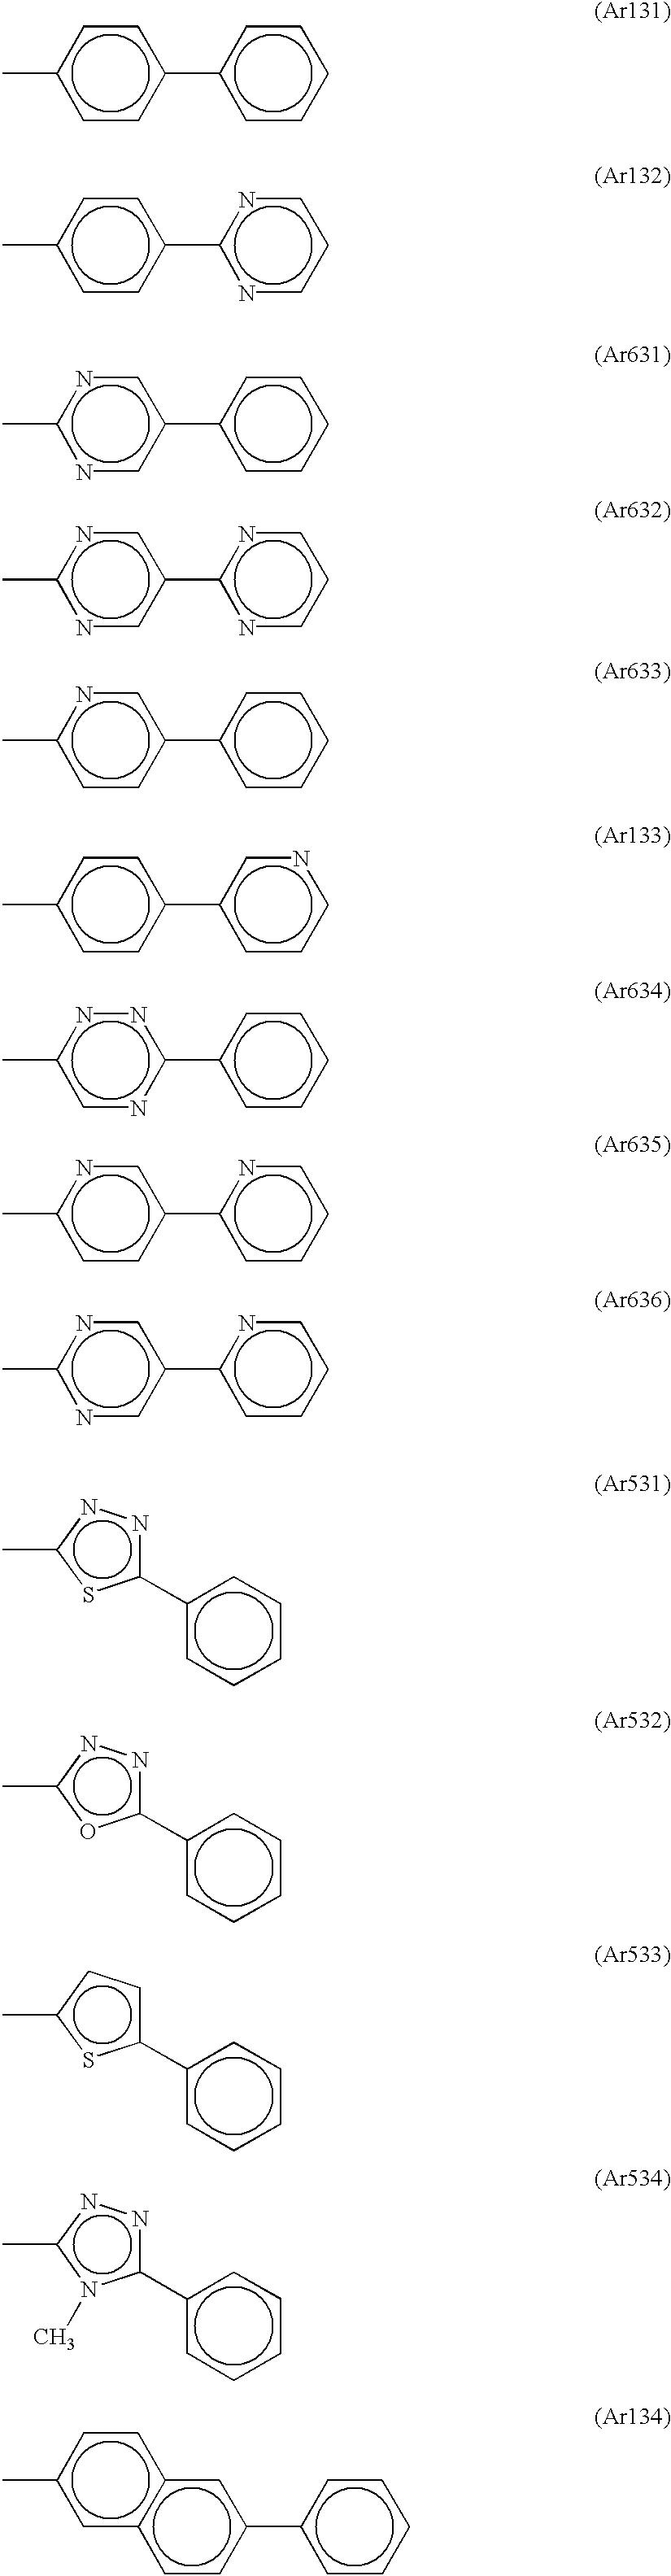 Figure US07128953-20061031-C00005